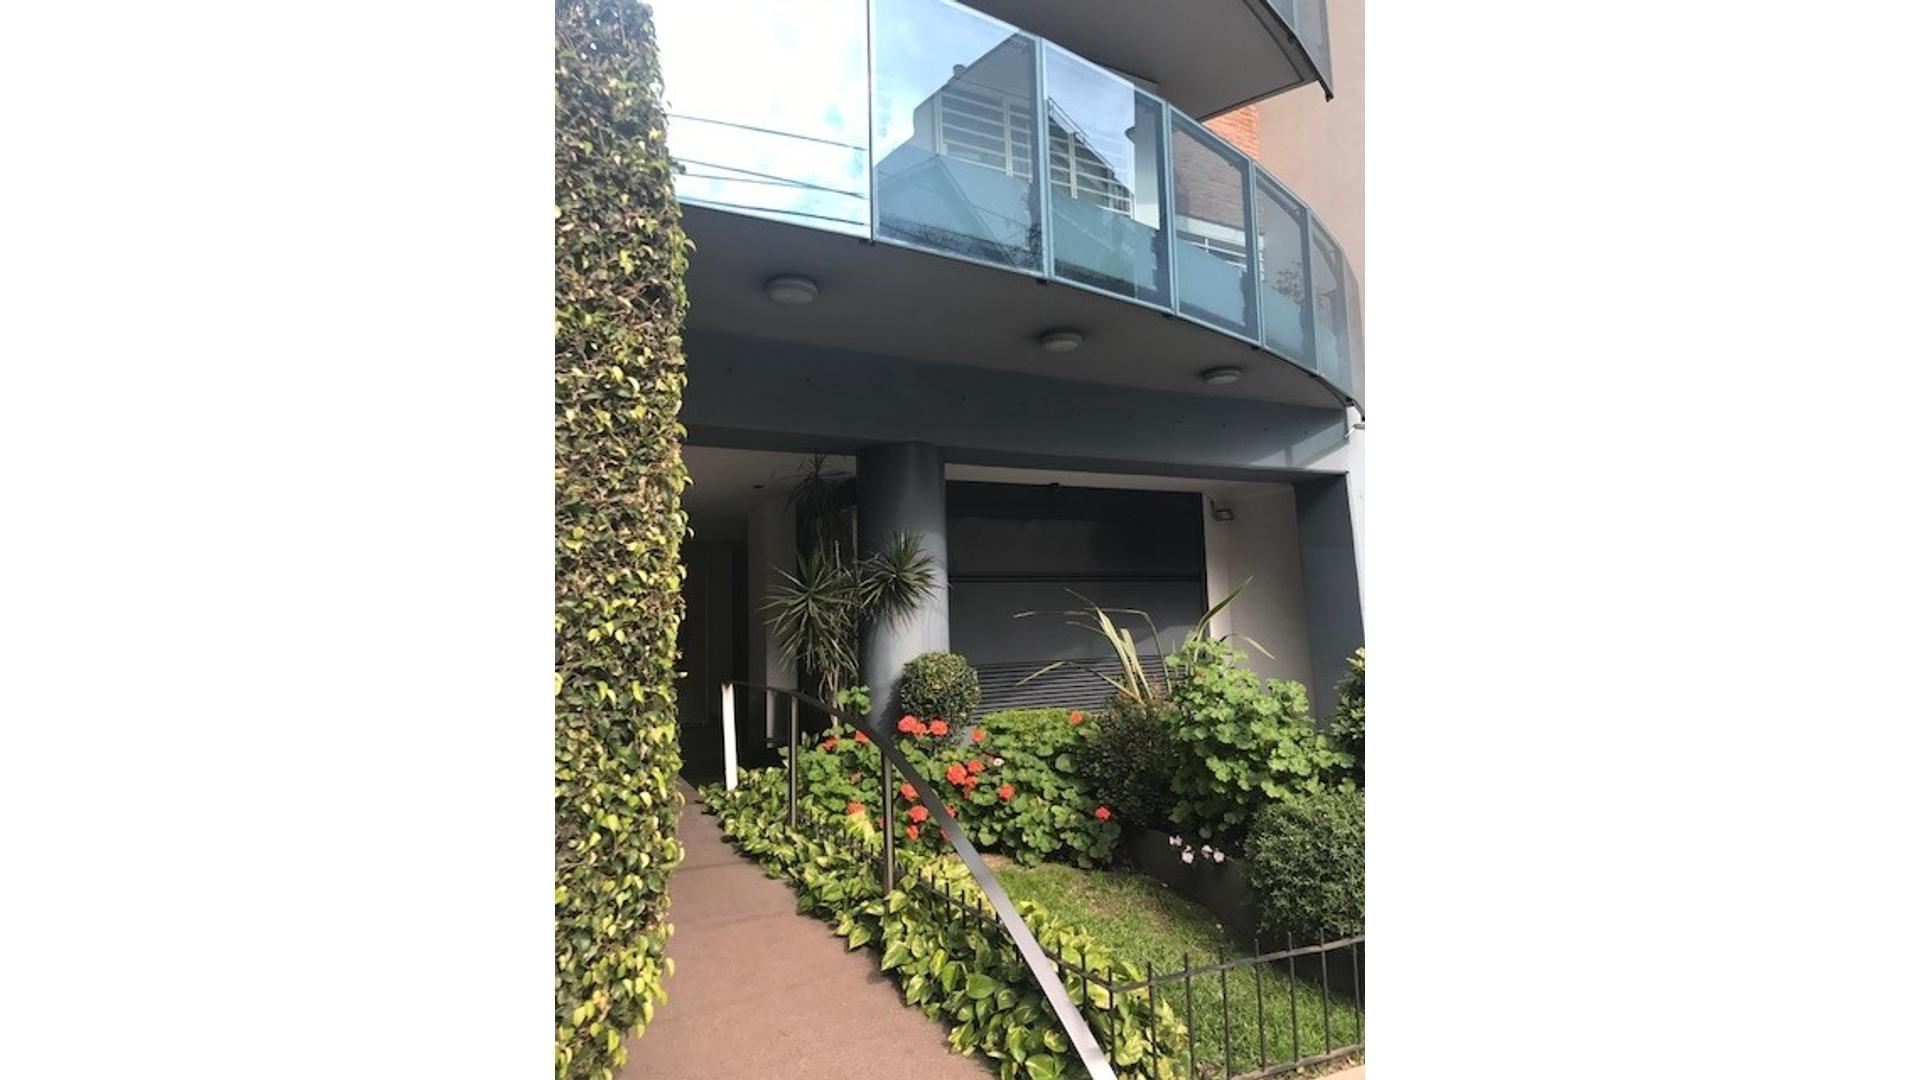 SEMIPISO CATEGORIA UNICO 4 Amb. 125 m2 COHERA FIJA CUB 18 AÑOS COC-COM LAVADERO PATIO BALCON CORRI